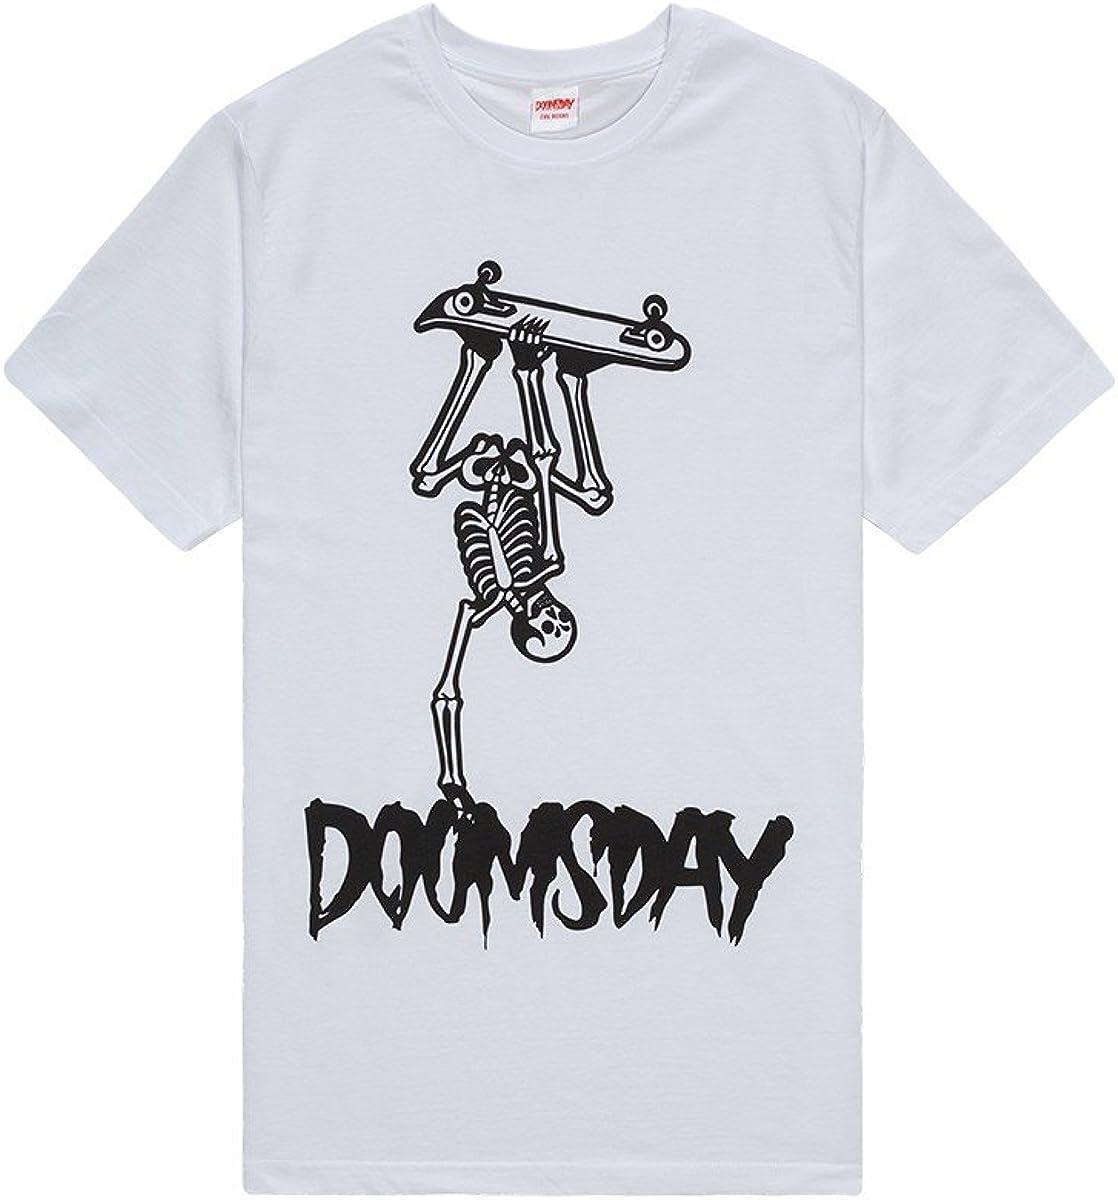 Doomsday Handplant - Camiseta (Talla M), Color Blanco: Amazon.es: Ropa y accesorios